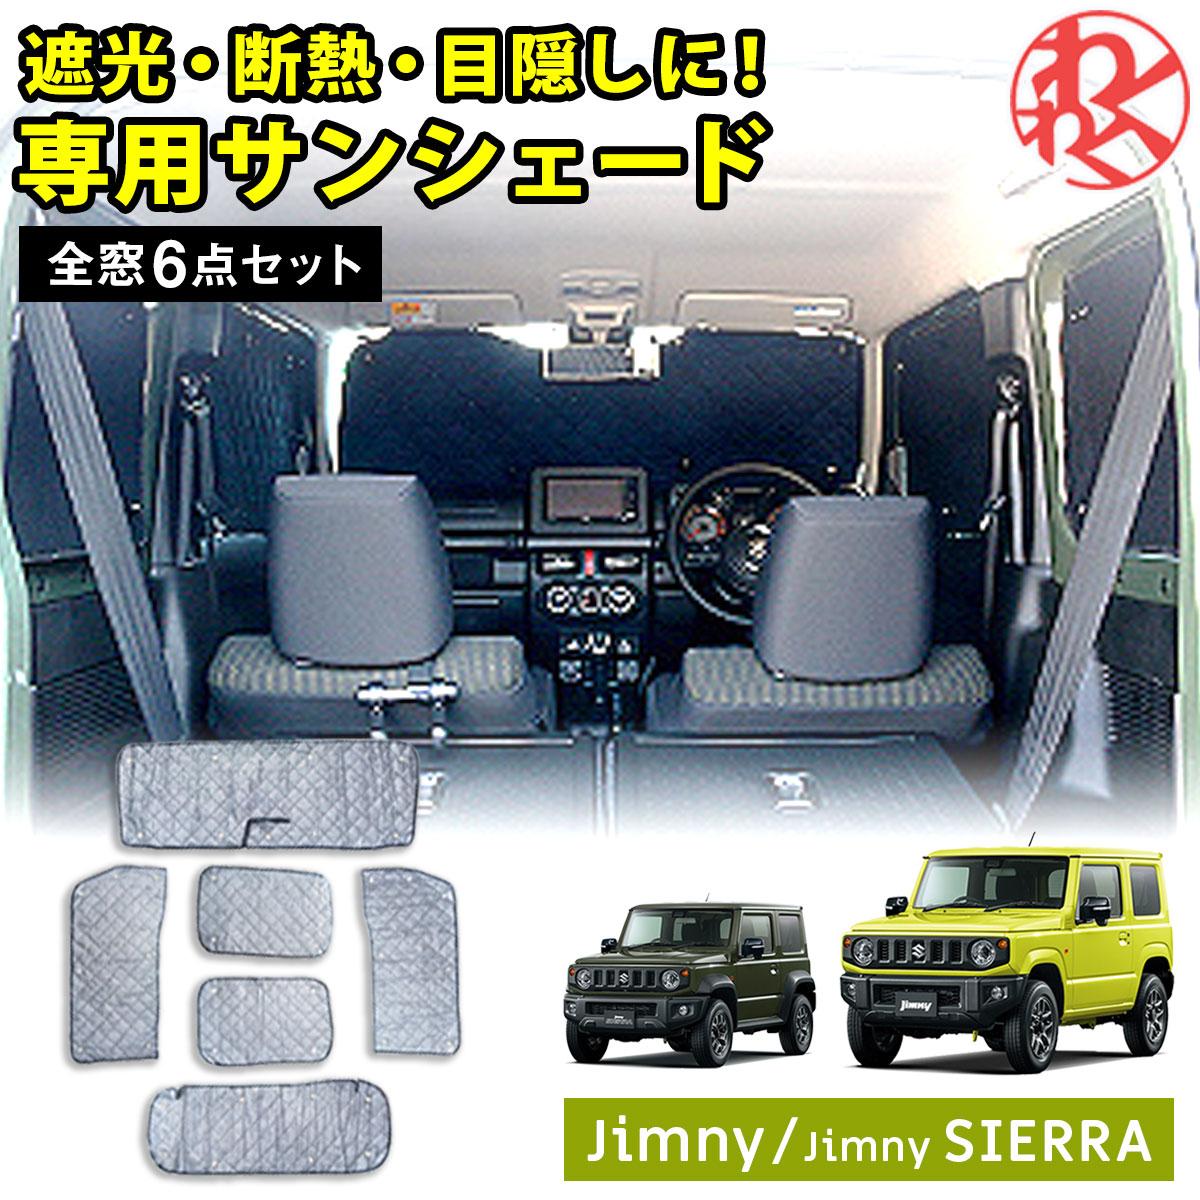 スズキ Jimny 売買 ブラックアウトシェード ブラックメッシュ 24時間限定限定価格 ジムニー JB64W ジムニーシエラ 贈答 車中泊 防犯 わくわくファイネスト サンシェード 6点 JB74W セット 吸盤付き